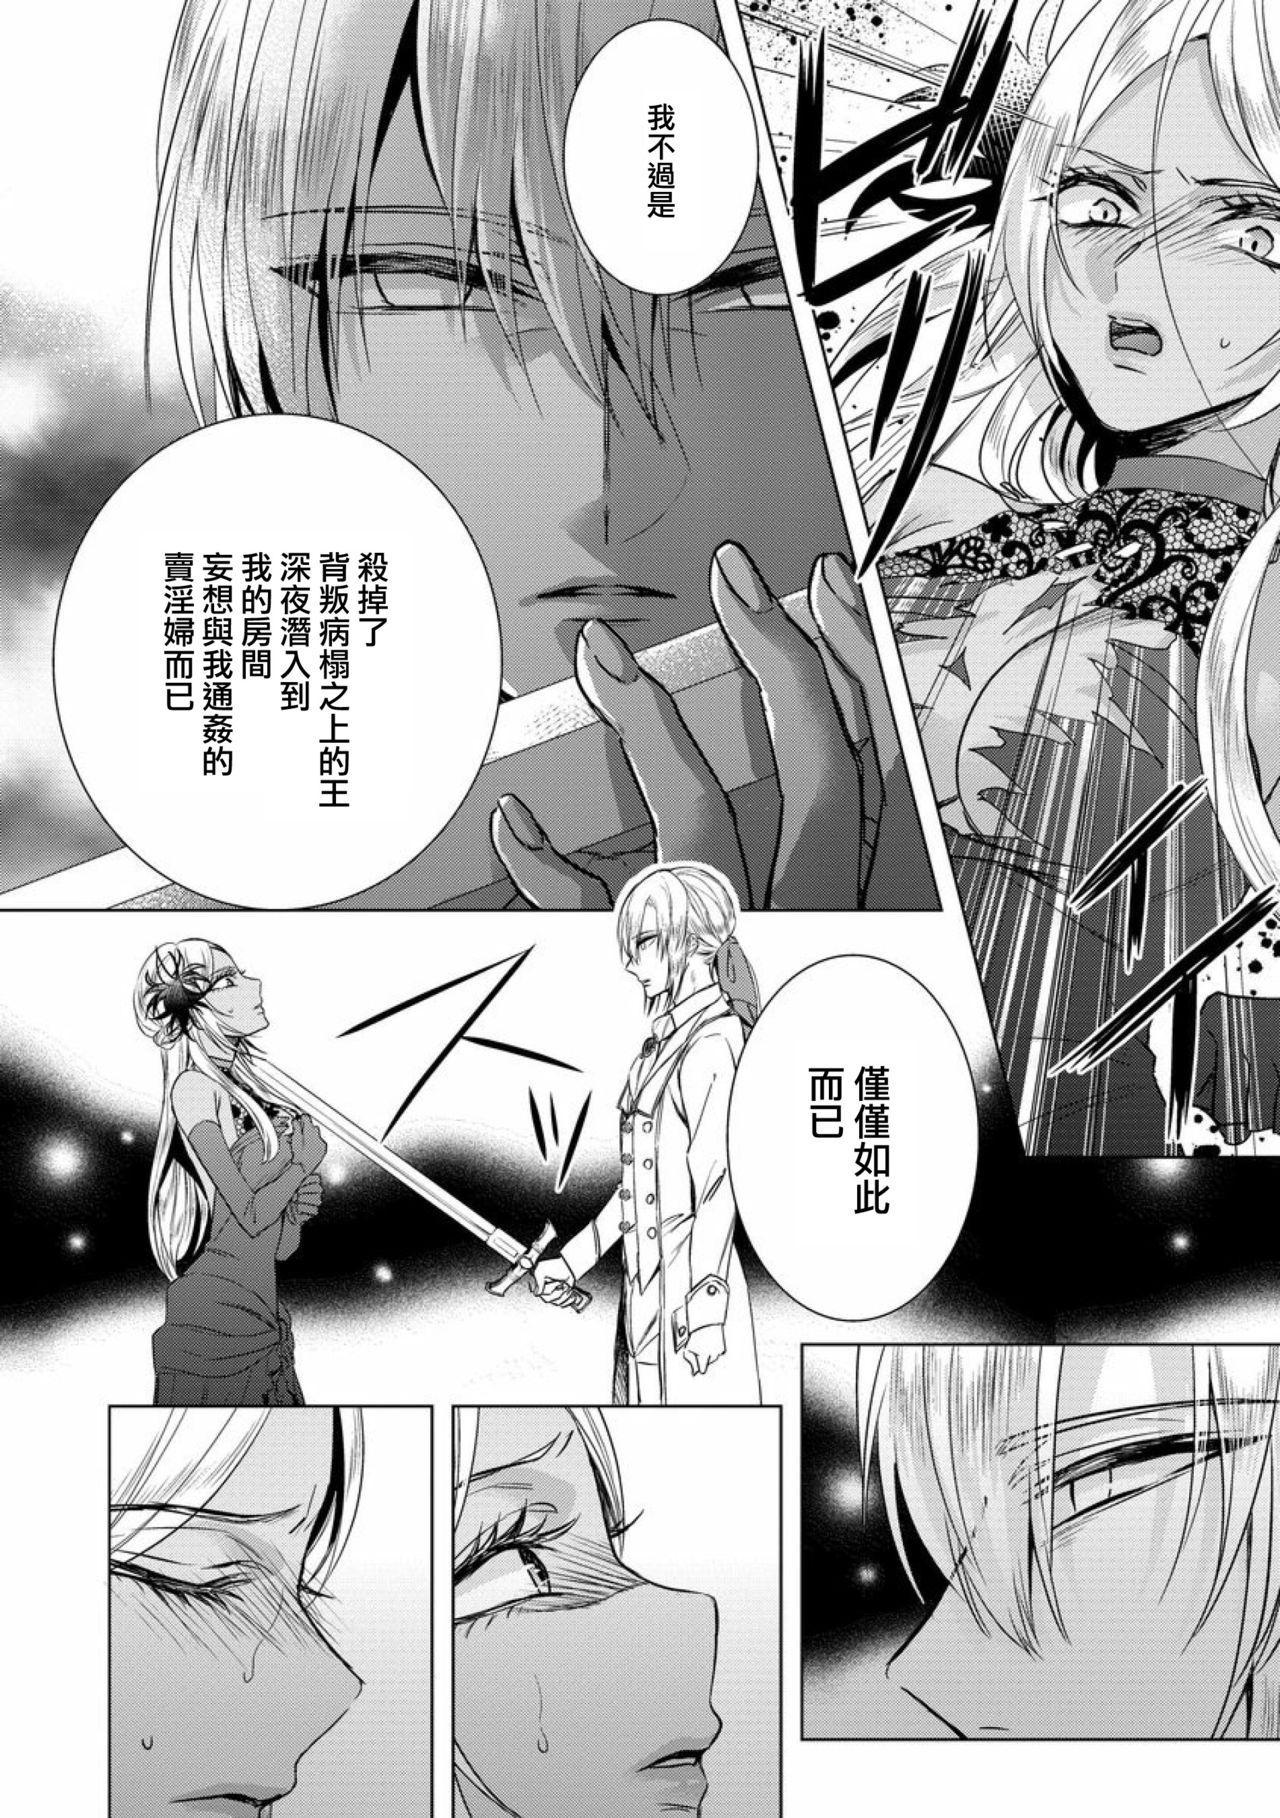 [Saotome Mokono] Kyououji no Ibitsu na Shuuai ~Nyotaika Knight no Totsukitooka~ Ch. 12 [Chinese] [瑞树汉化组] [Digital] 11